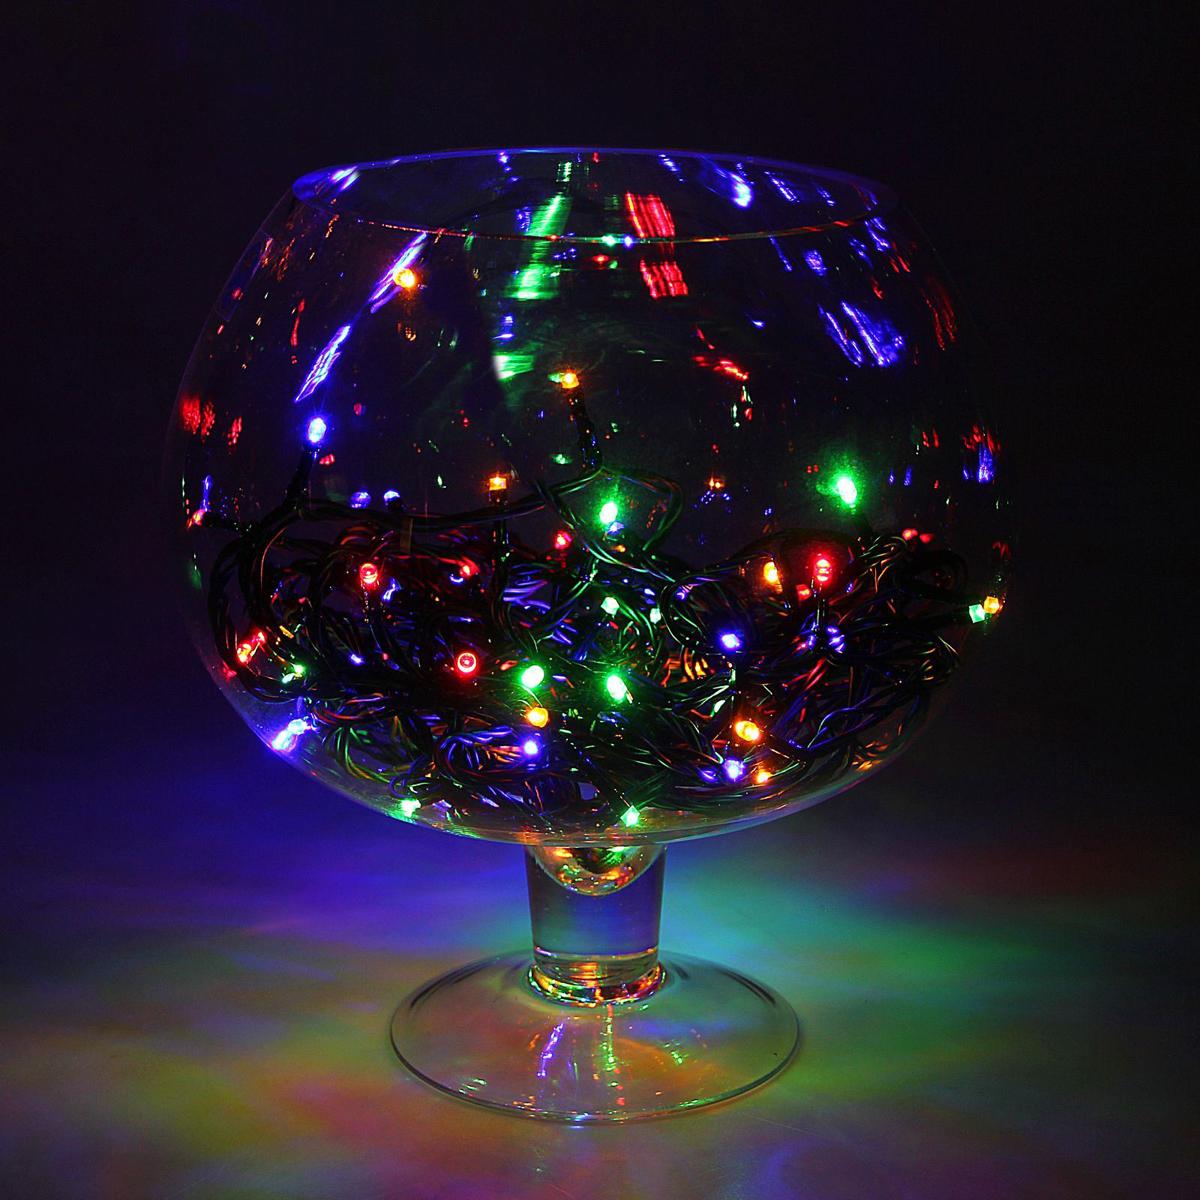 Гирлянда Luazon Метраж, длина 10 м, LED 100 ламп, 24В, цвет: мультиколор303-603Светодиодные гирлянды, ленты и т.д — это отличный вариант для новогоднего оформления интерьера или фасада. С их помощью помещение любого размера можно превратить в праздничный зал, а внешние элементы зданий, украшенные ими, мгновенно станут напоминать очертания сказочного дворца. Такие украшения создают ауру предвкушения чуда. Деревья, фасады, витрины, окна и арки будто специально созданы, чтобы вы украсили их светящимися нитями.